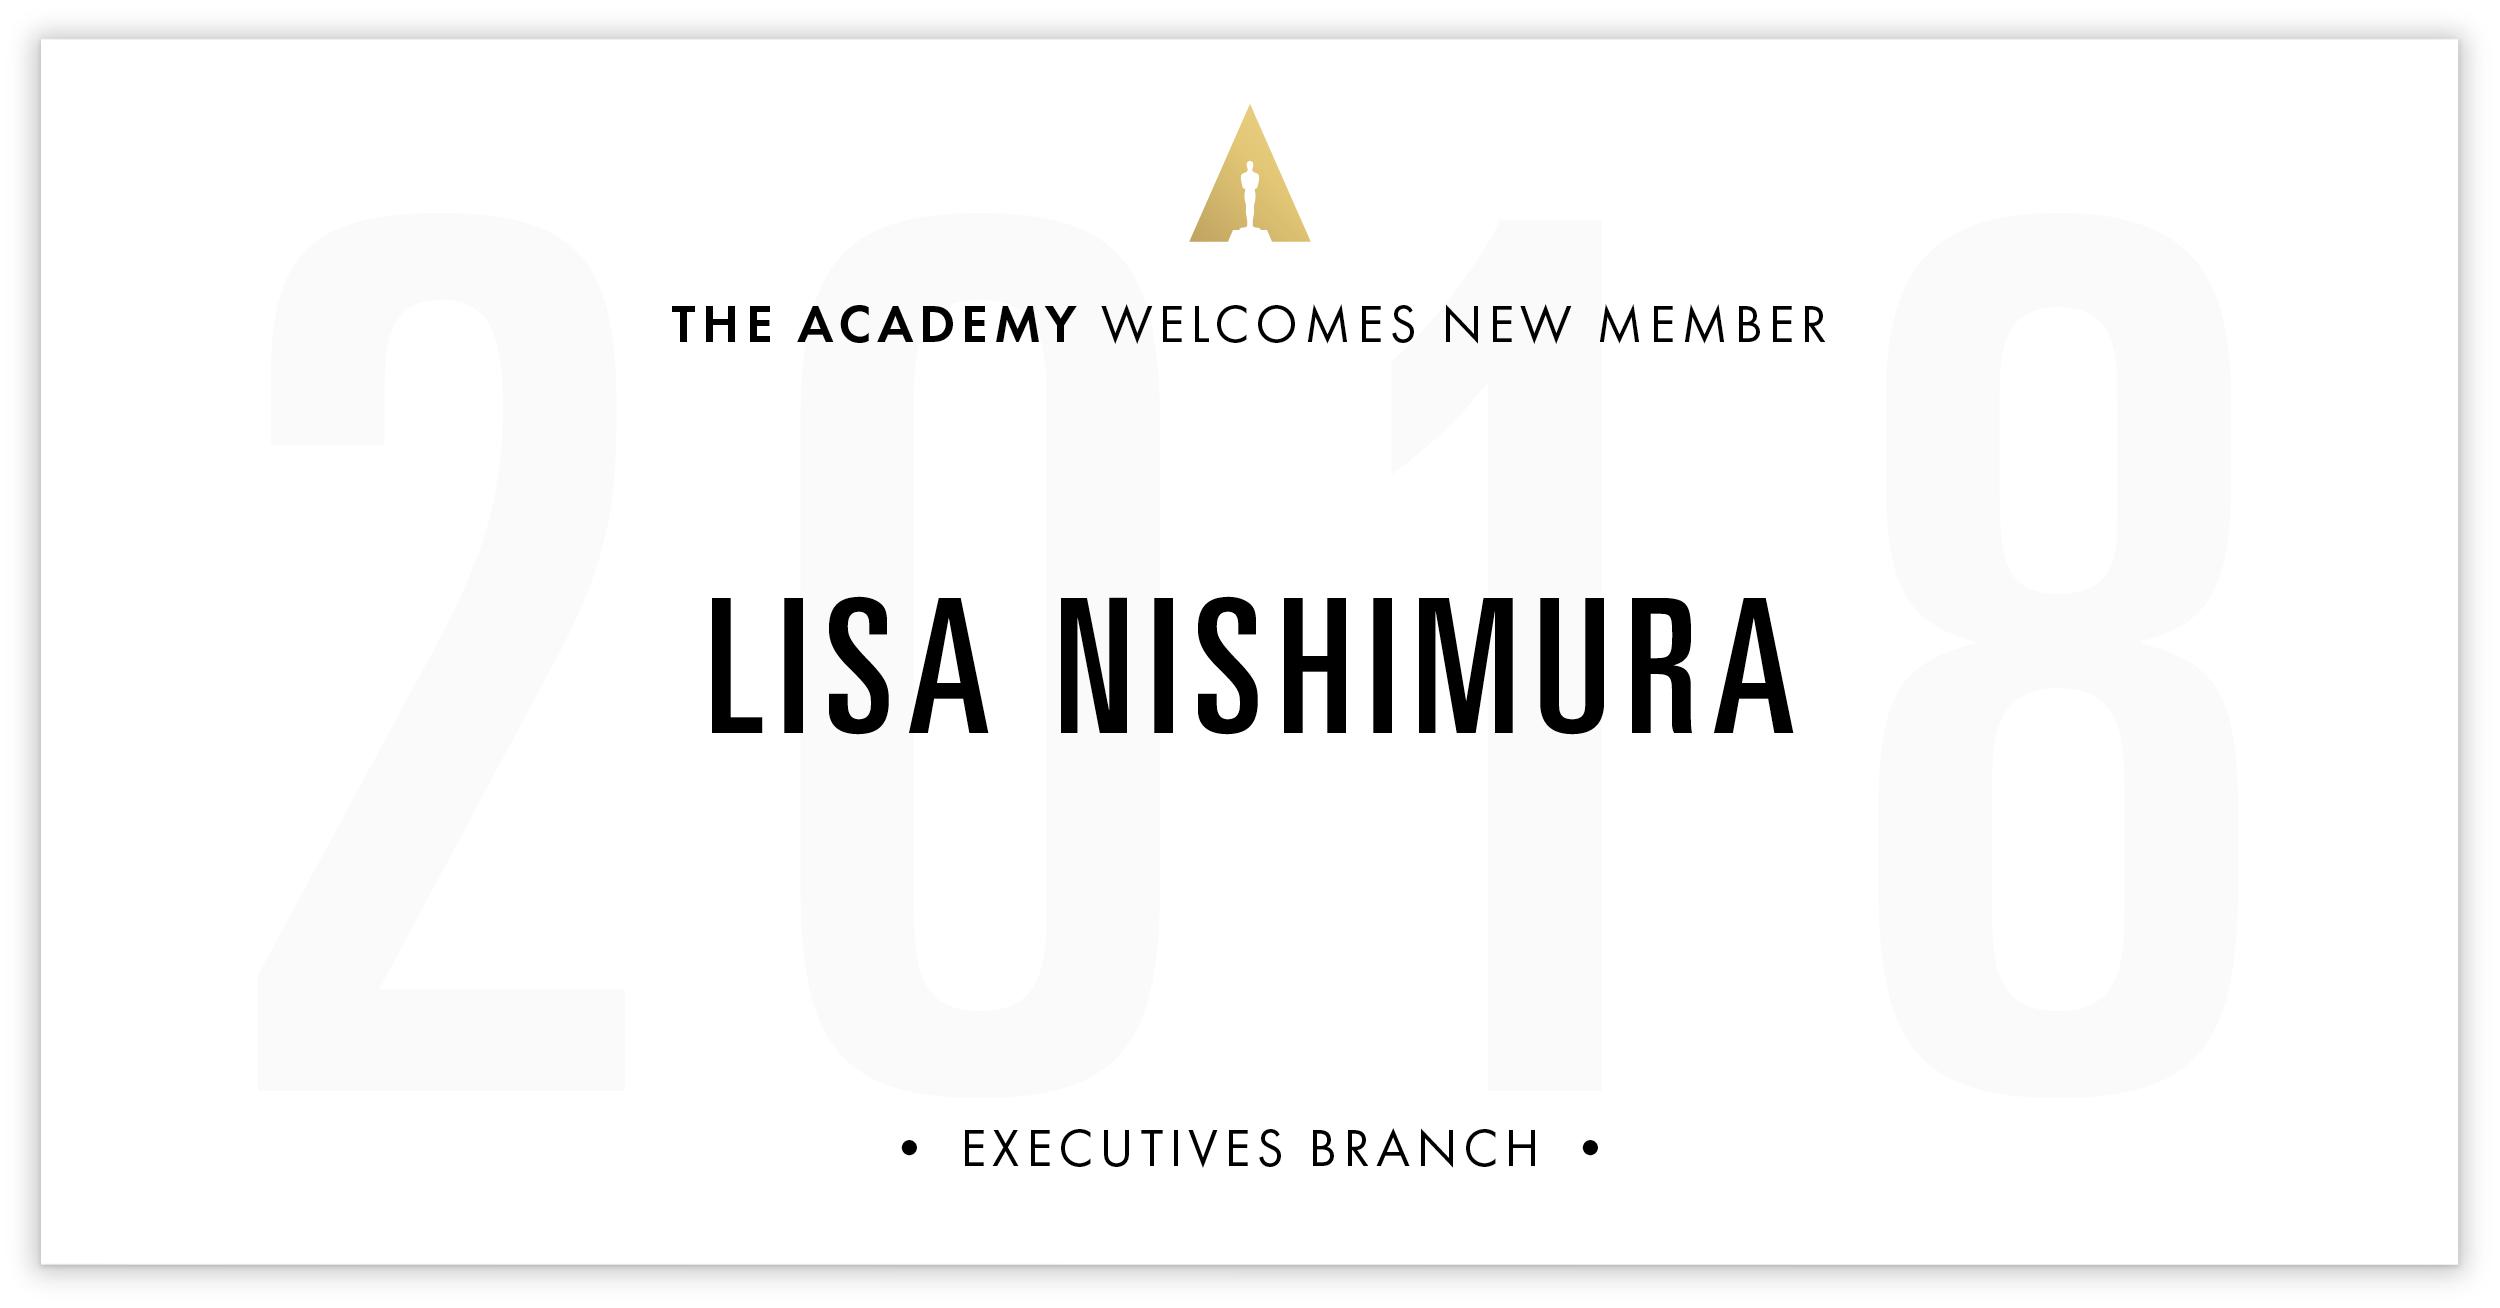 Lisa Nishimura is invited!